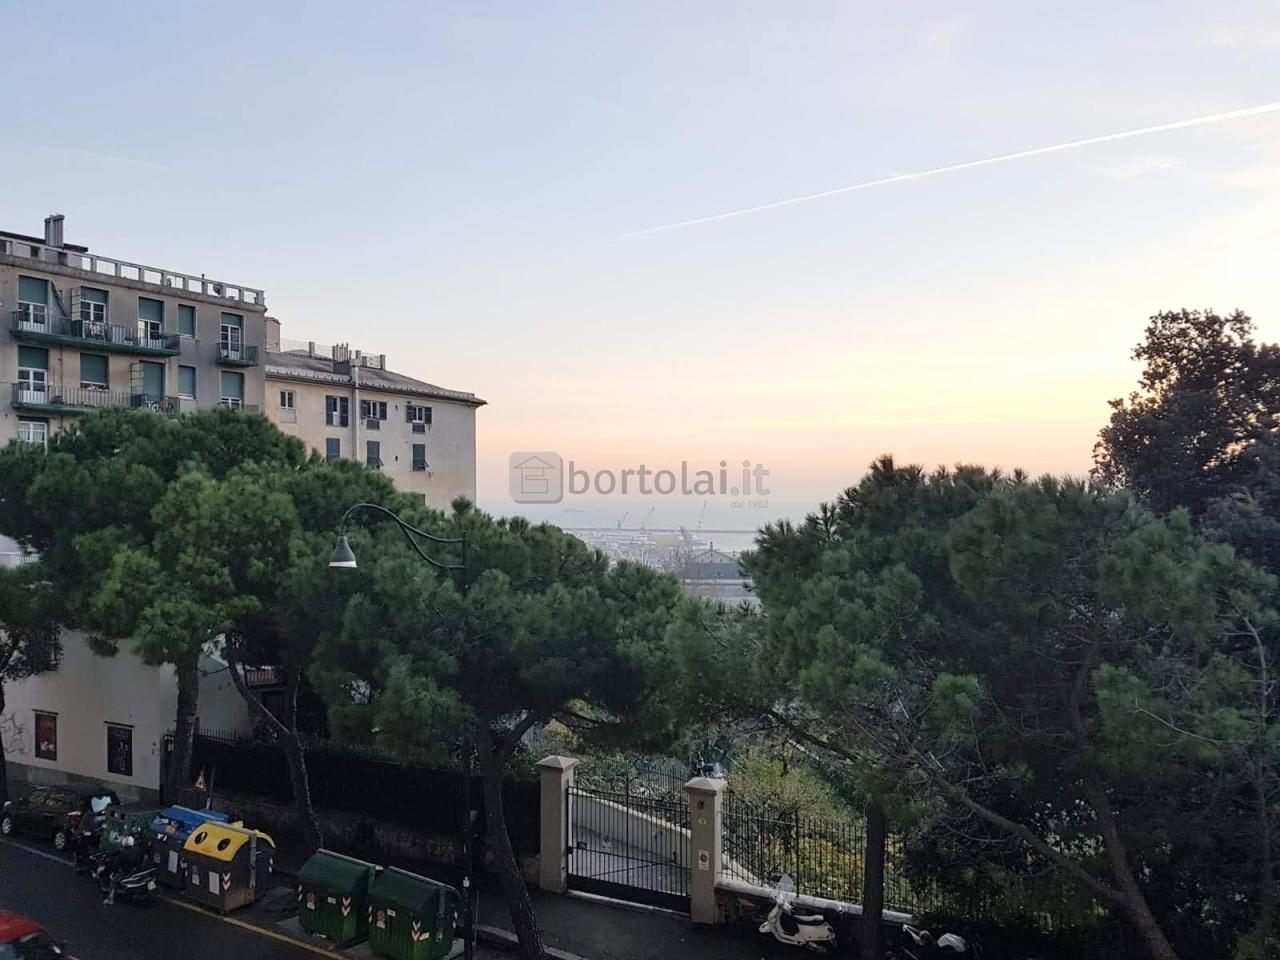 appartamenti e attici genova vendita  castelletto  immobiliare bortolai.it srl